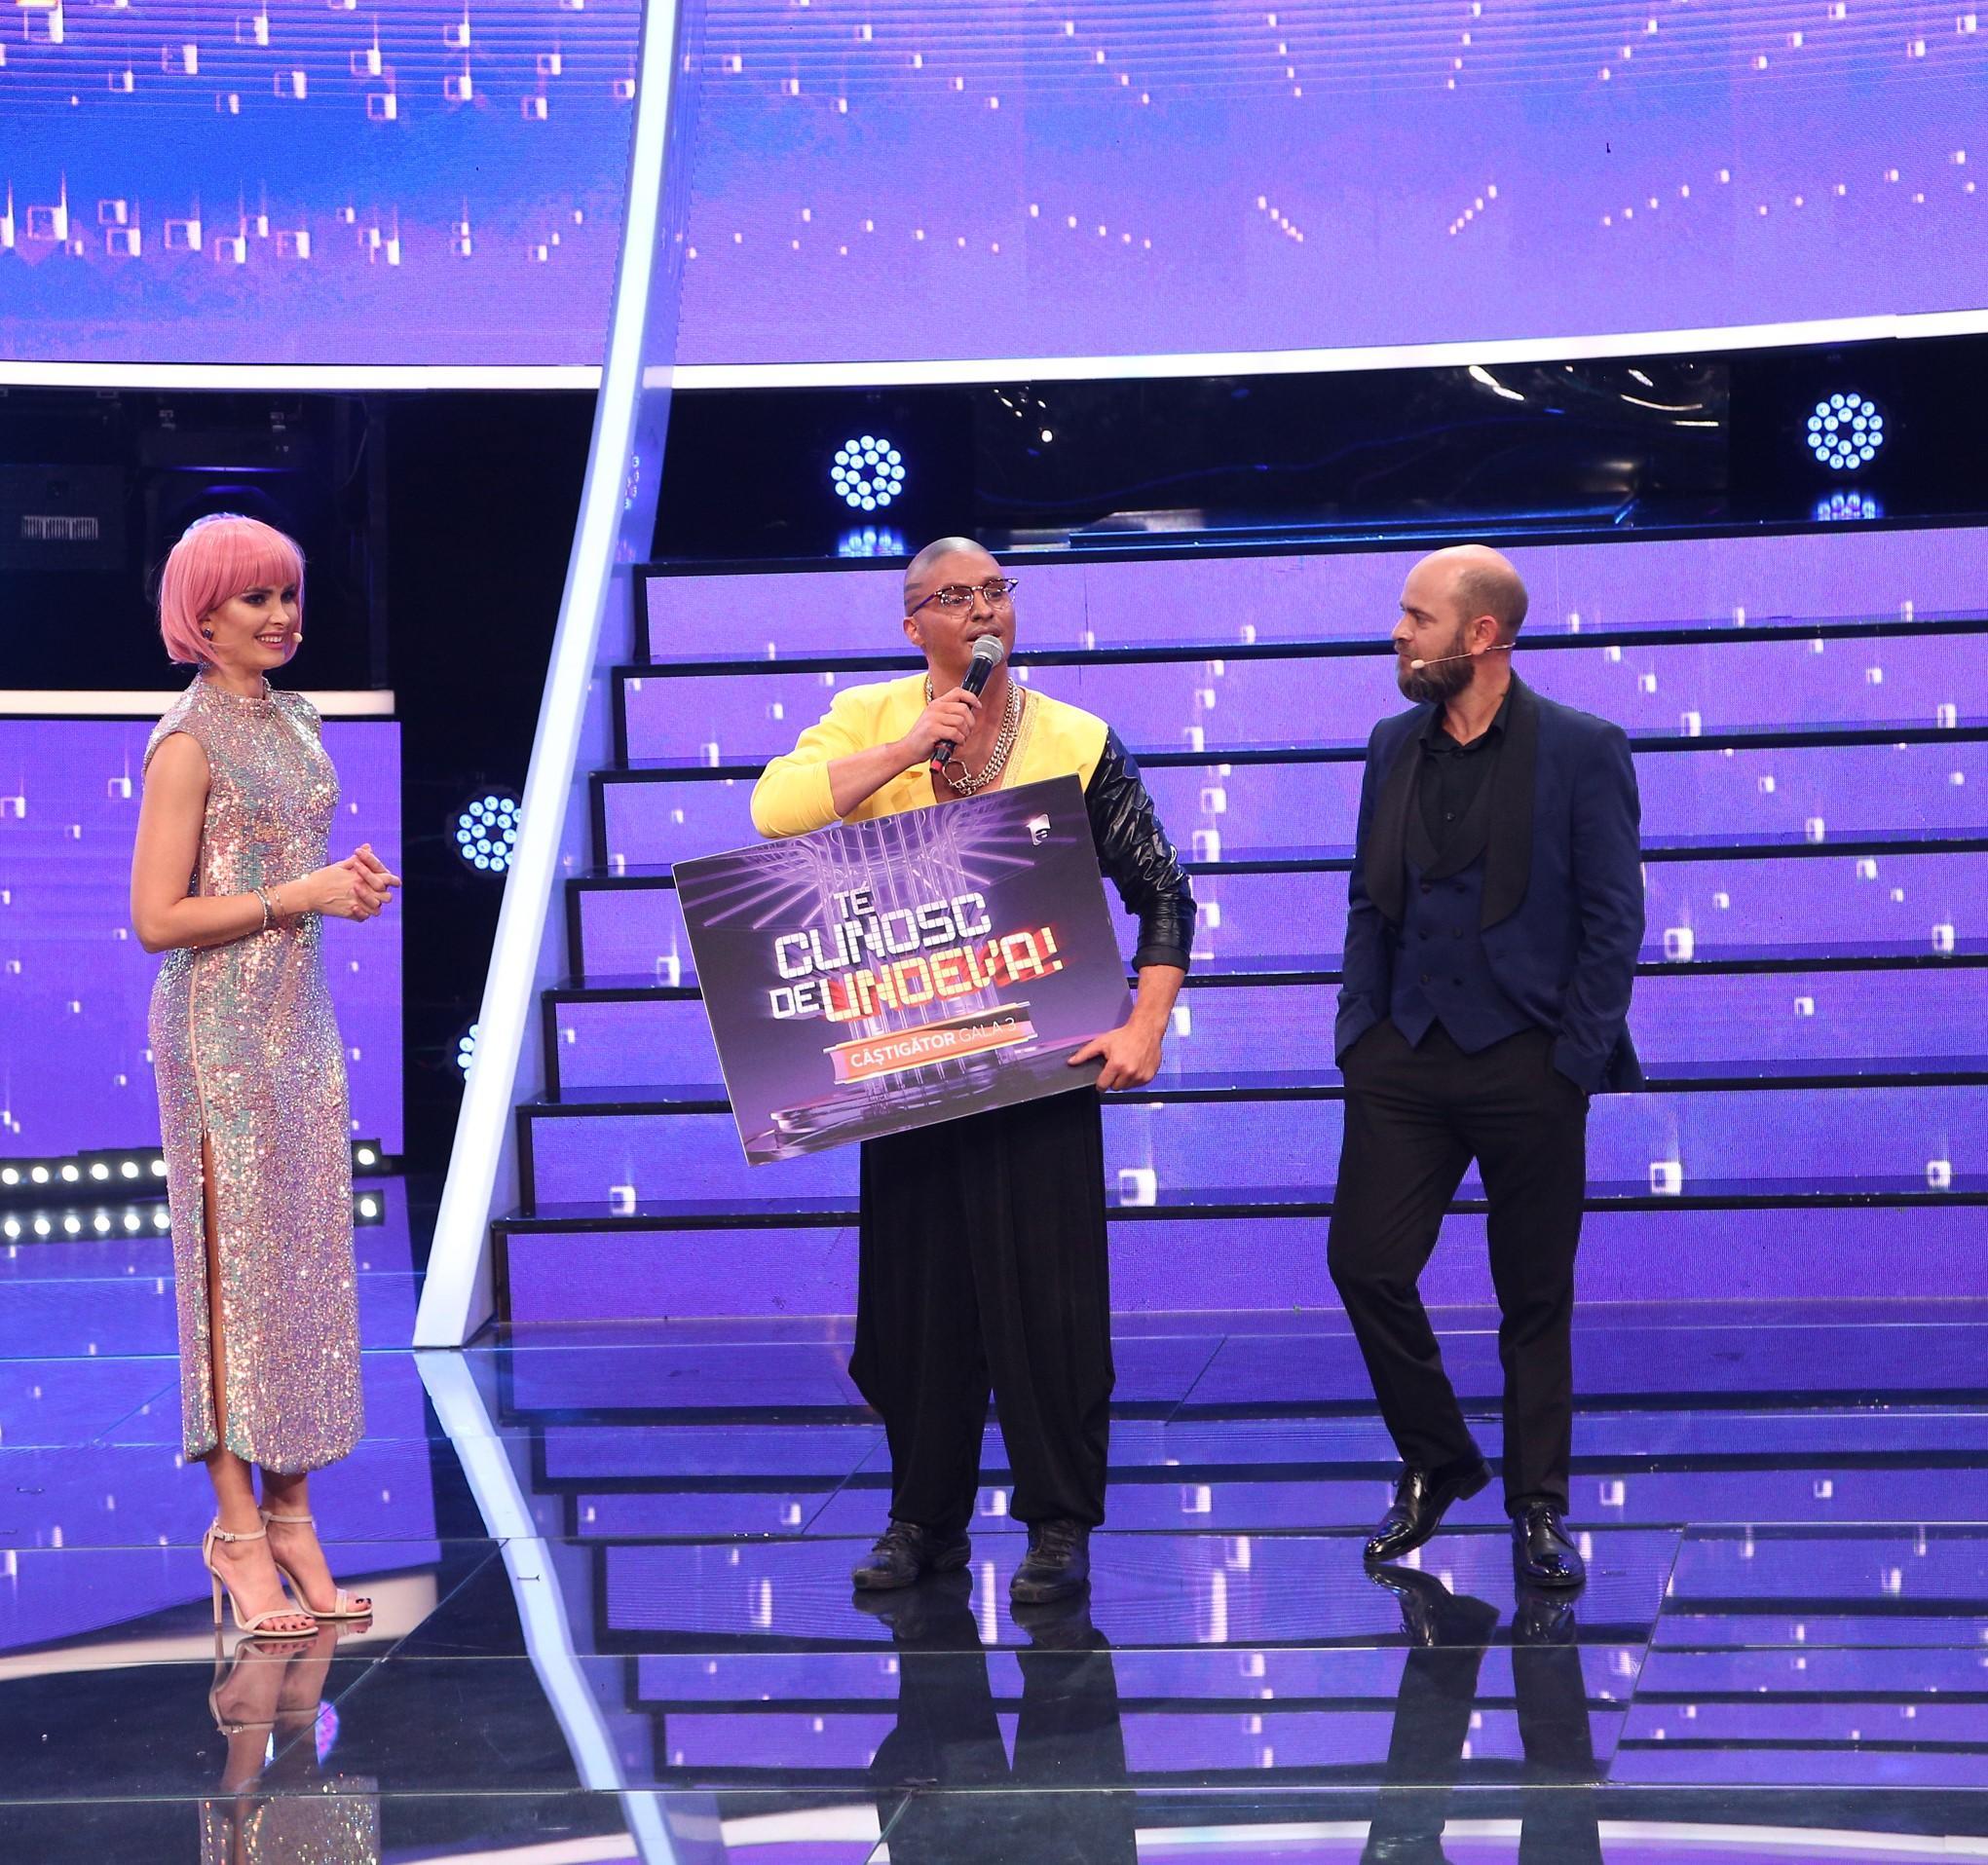 Pepe cu cecul in mana, vorbeste la microfon, iar pe langa el se află Alina Pușcș și Cosmin Seleși